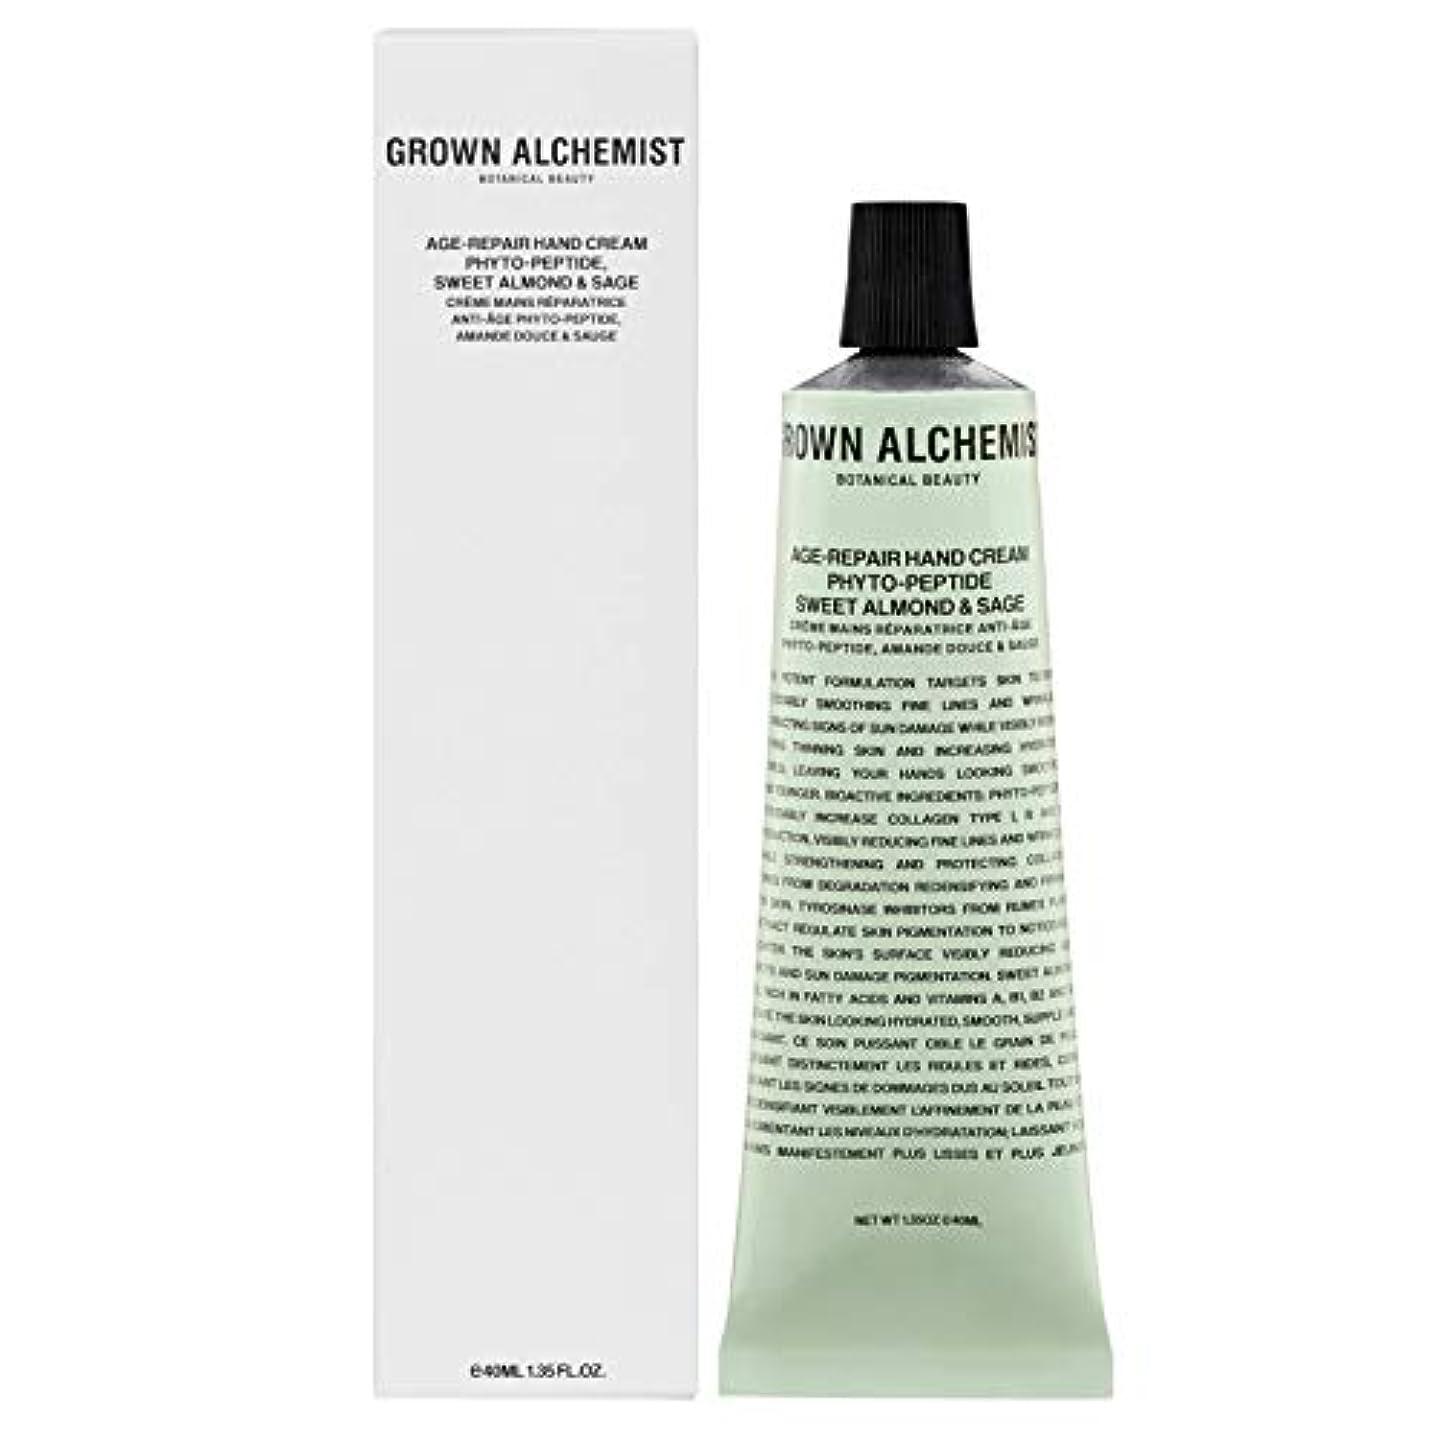 アクション競合他社選手さらにGrown Alchemist Age-Repair Hand Cream - Phyto-Peptide, Sweet Almond & Sage 40ml/1.35oz並行輸入品